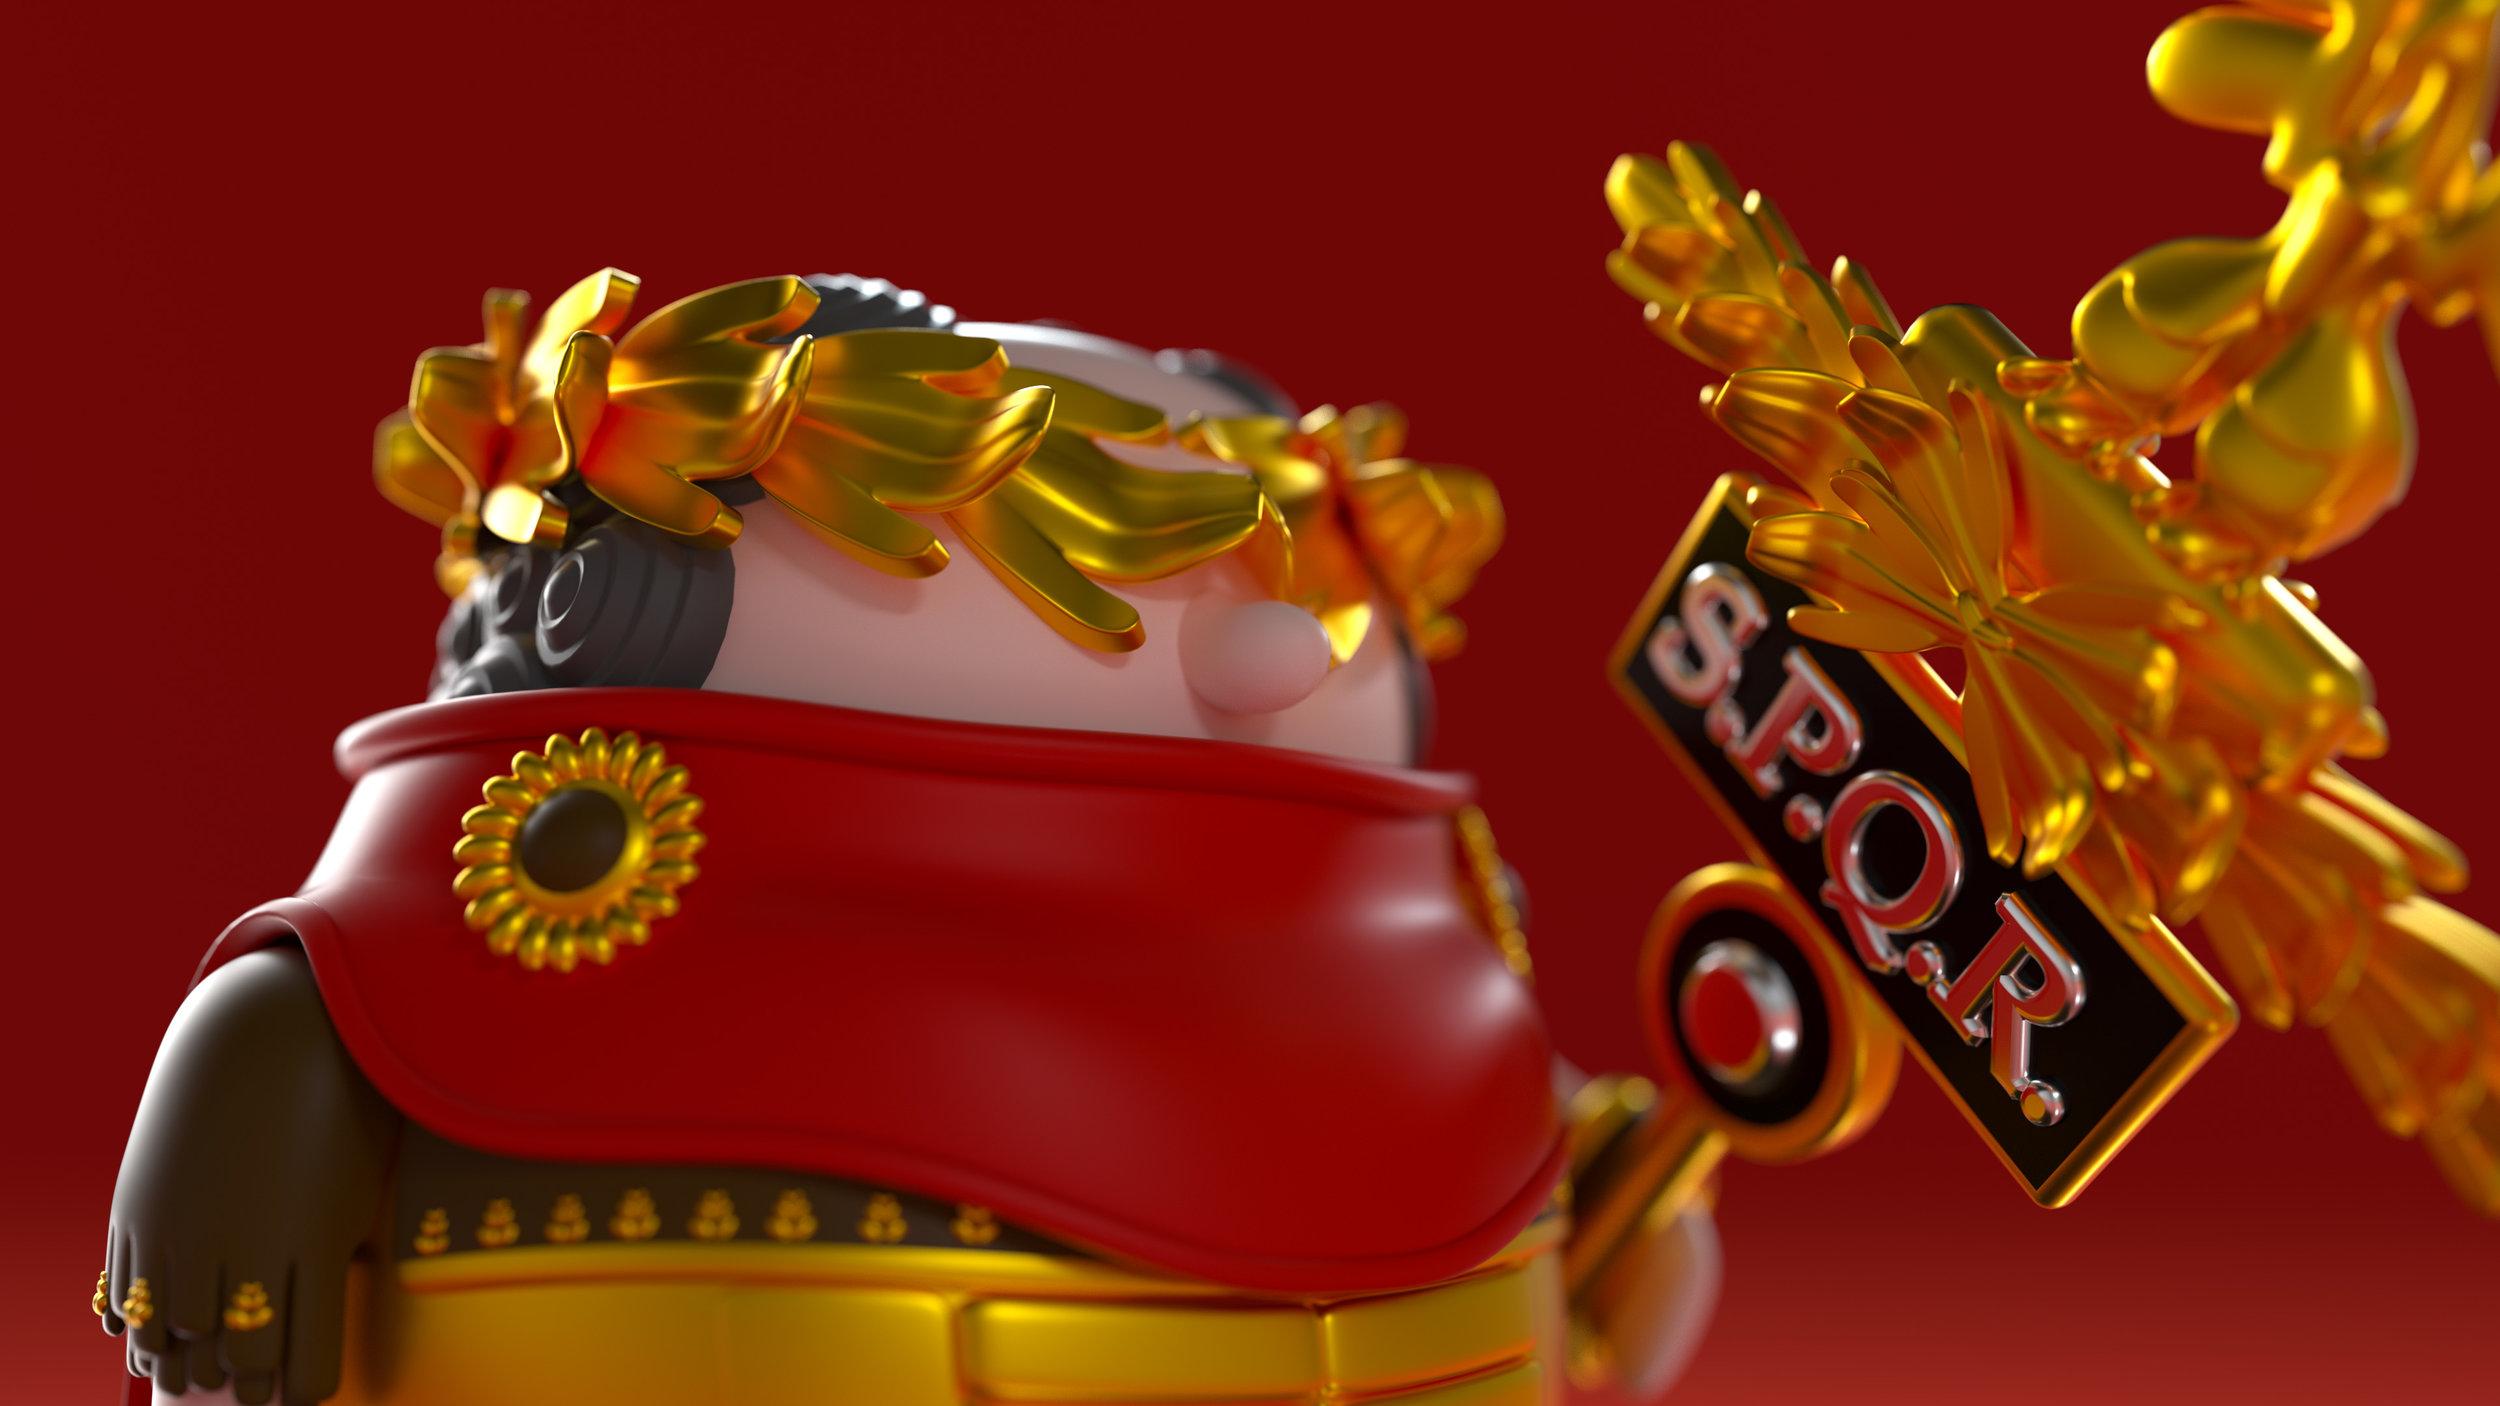 Ceasar_closeup.jpg